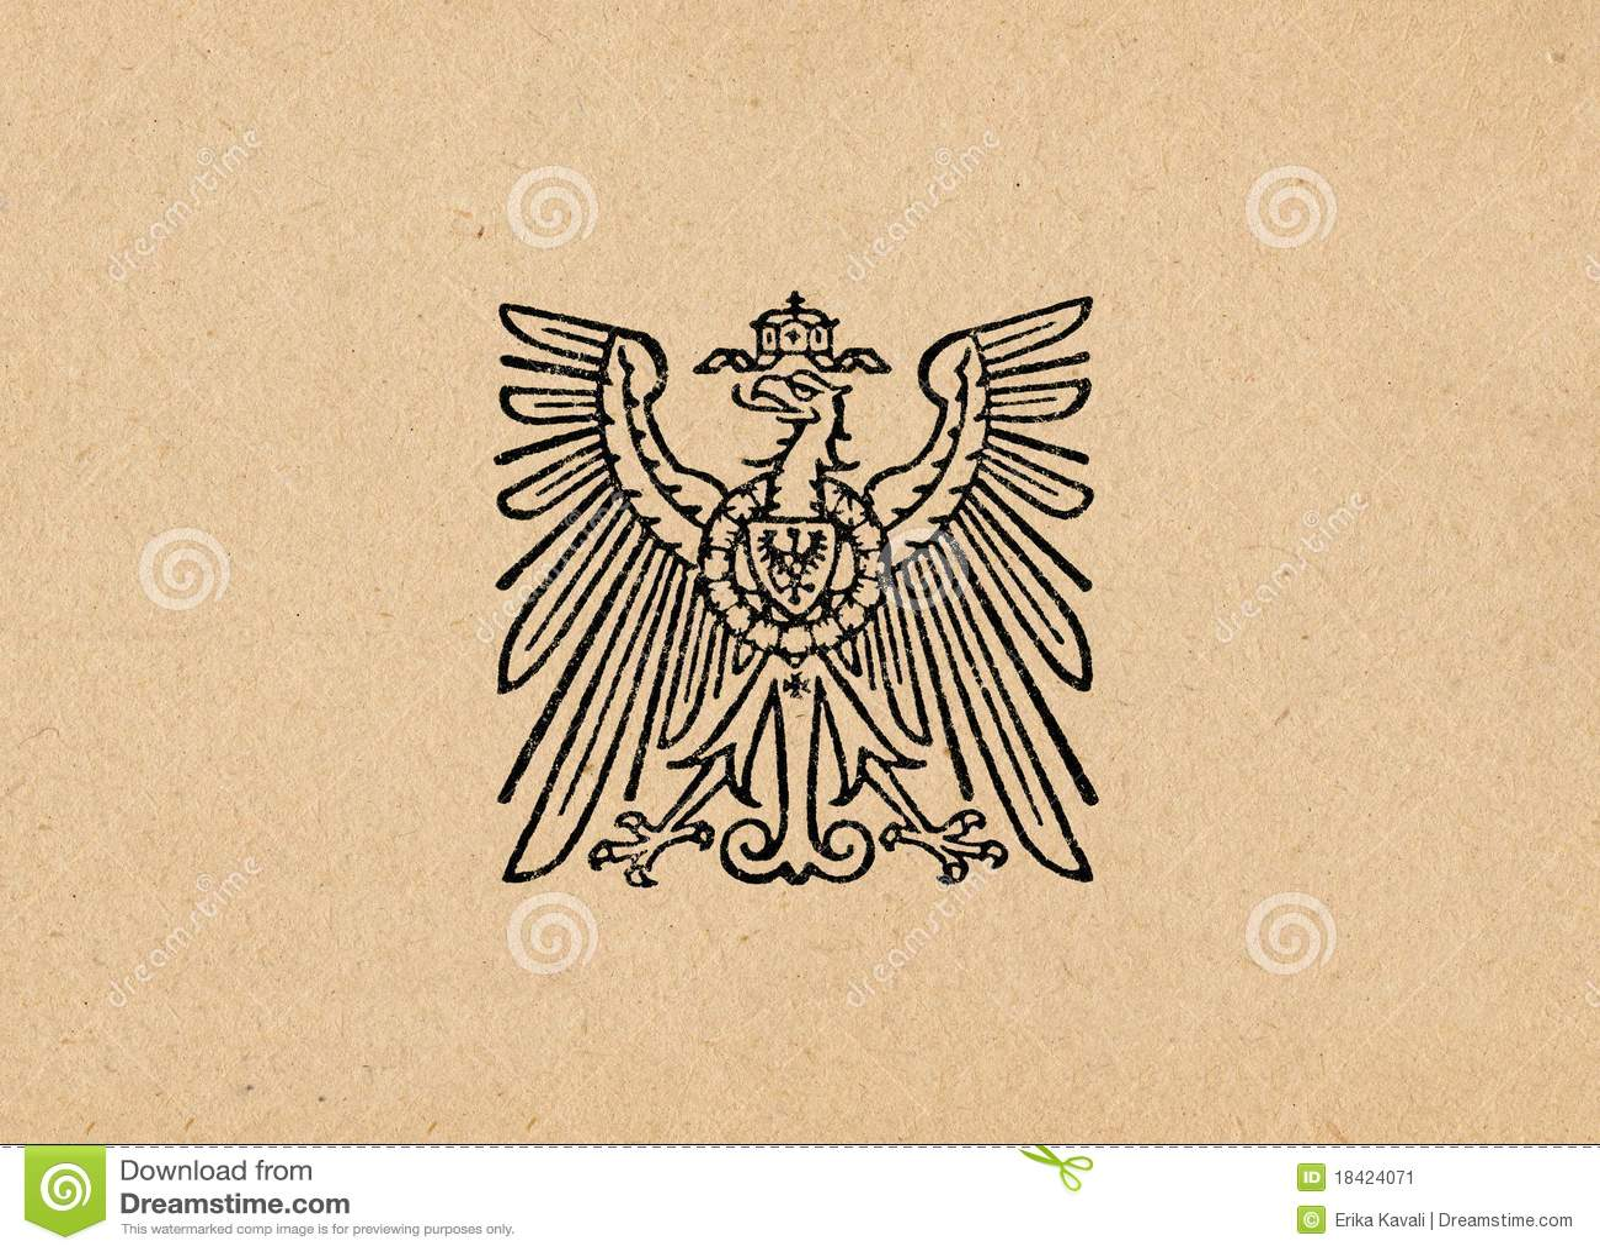 Ober Ost deutscher Reichadler ww2